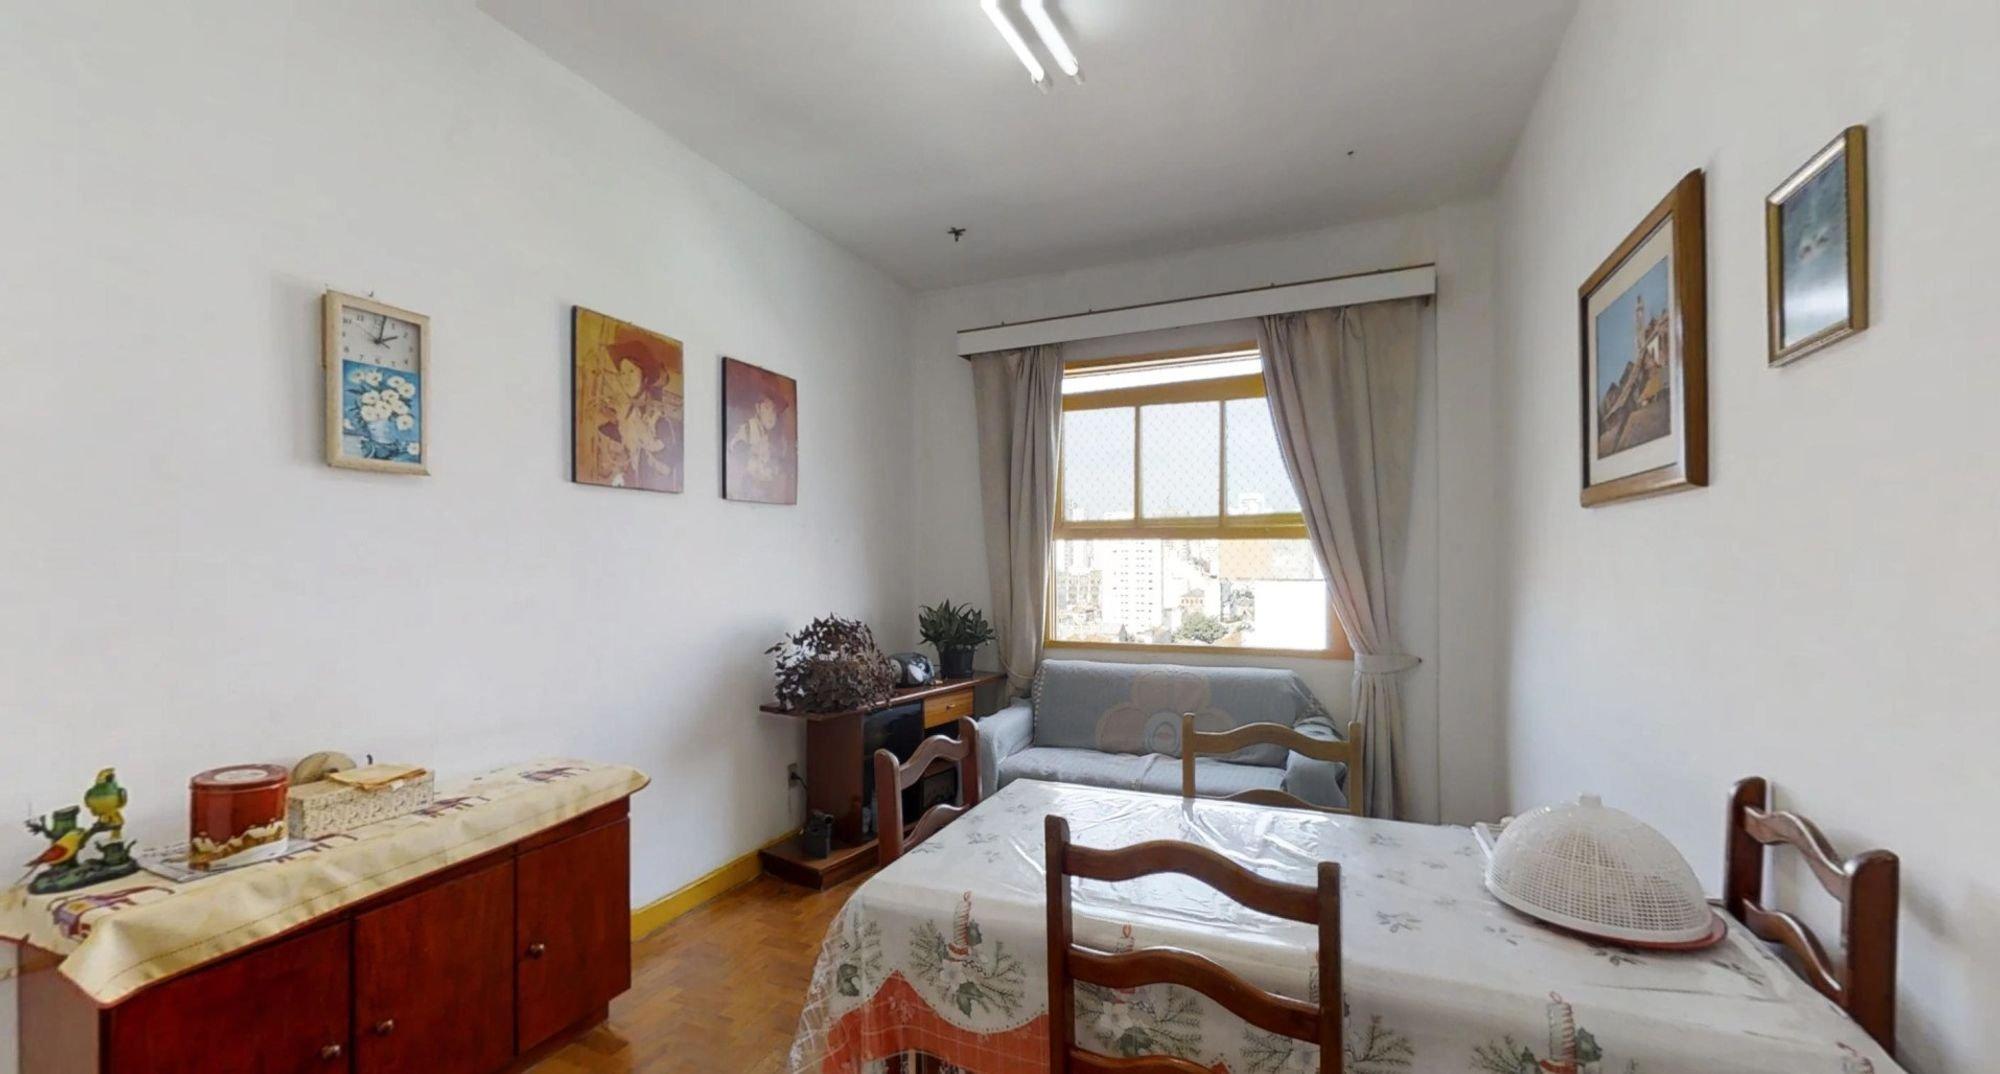 Foto de Sala com cama, vaso de planta, cadeira